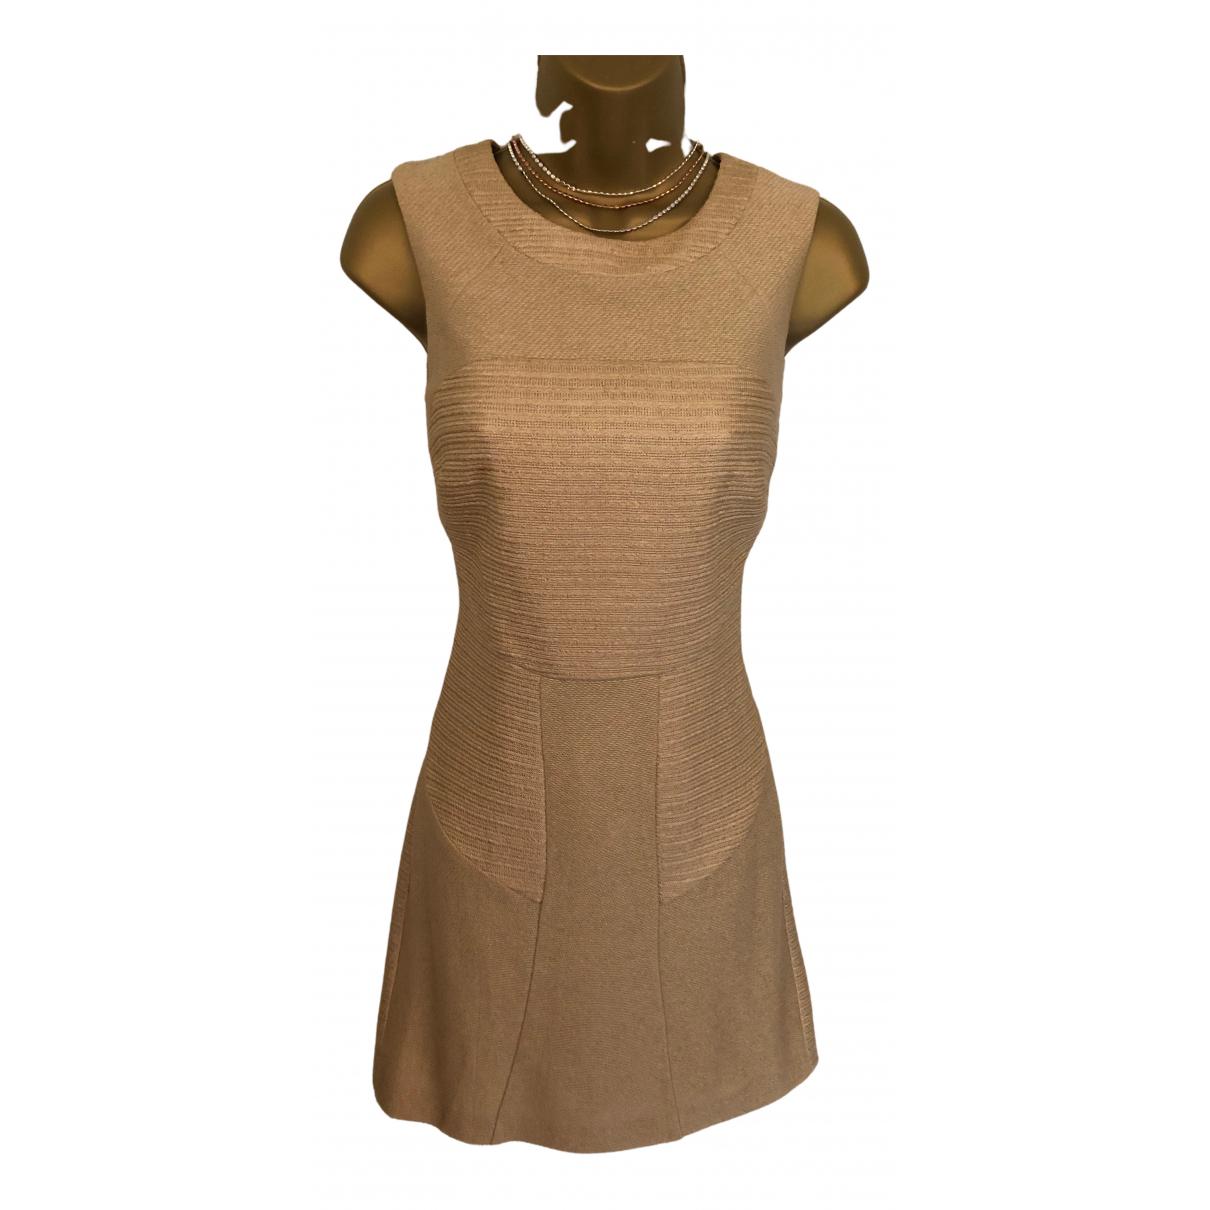 M Missoni \N Beige Cotton dress for Women 38 IT